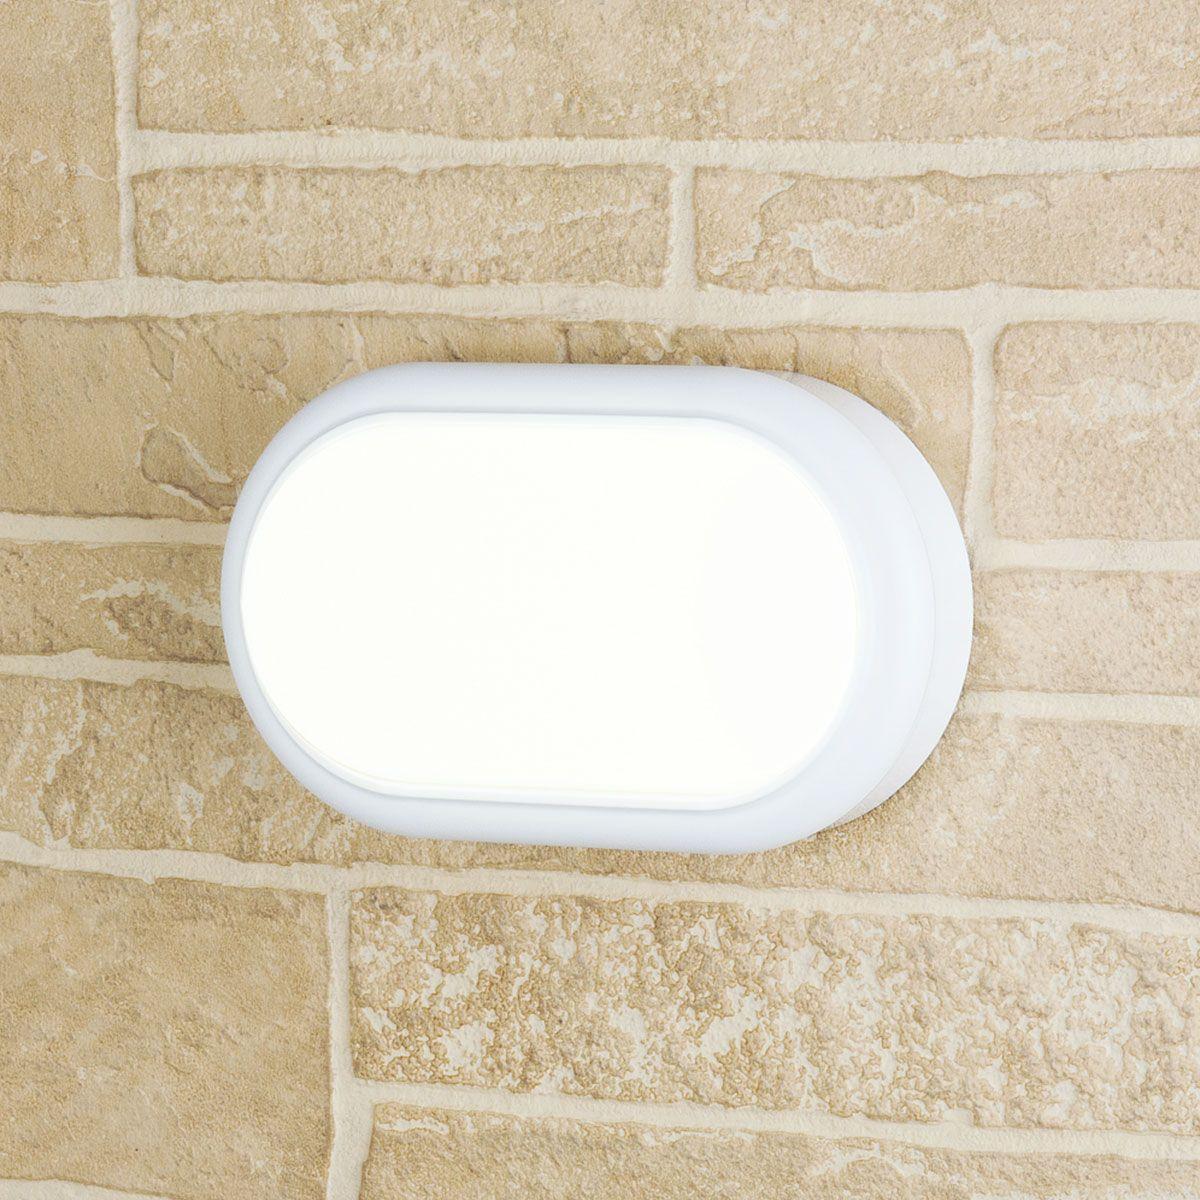 Пылевлагозащи<wbr>щенный светодиодный светильник Forssa белый IP54 LTB04